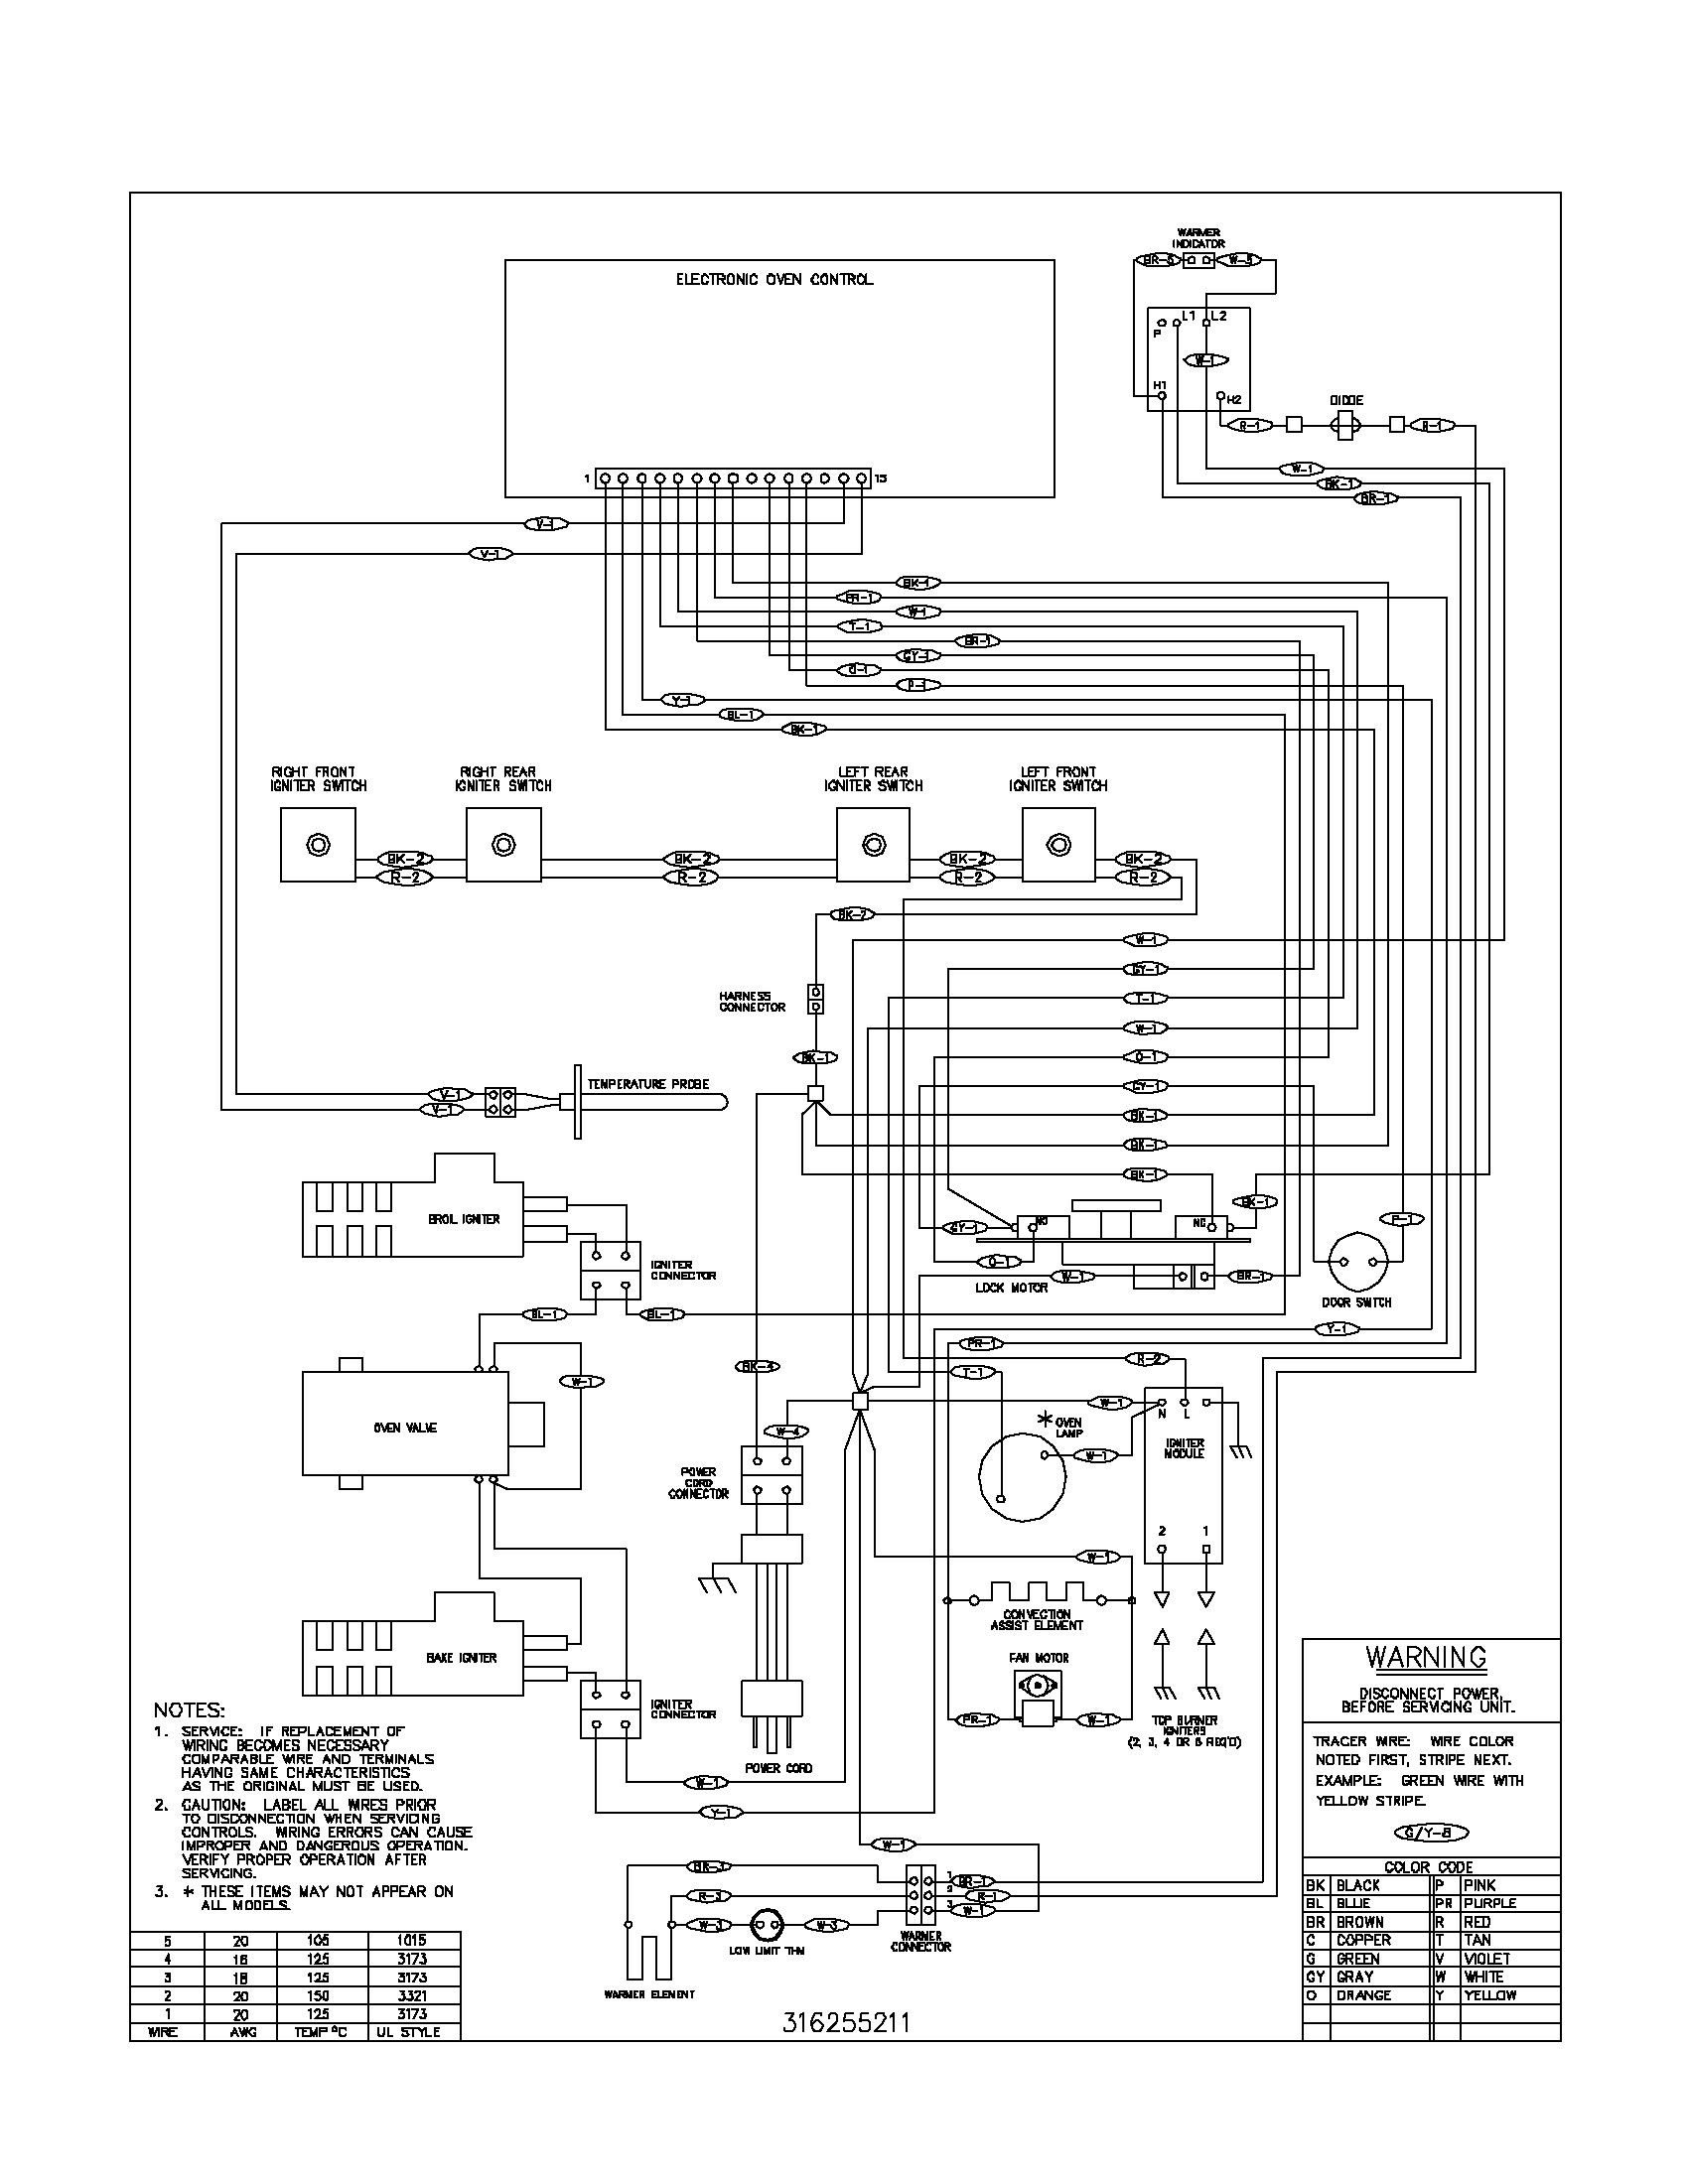 kubota d950 wiring diagram. Black Bedroom Furniture Sets. Home Design Ideas